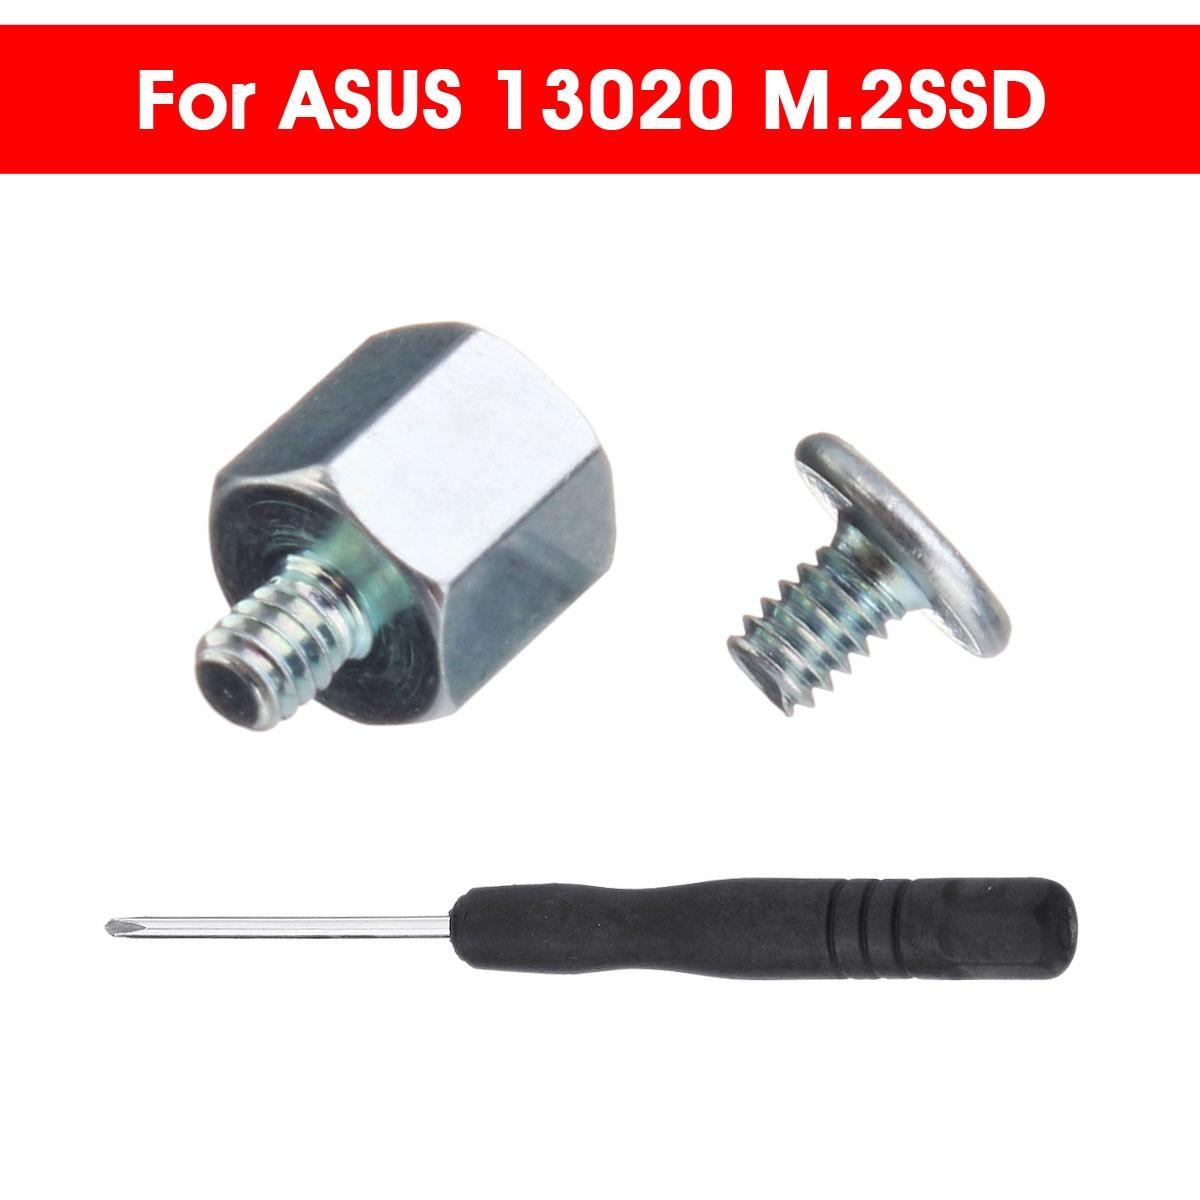 Meigar herramienta de mano destornillador Tornillo de montaje Kit de soporte de tornillos hexagonales accesorios para tuerca para placa base ASUS 13020 M. 2ssd Destornillador    - AliExpress